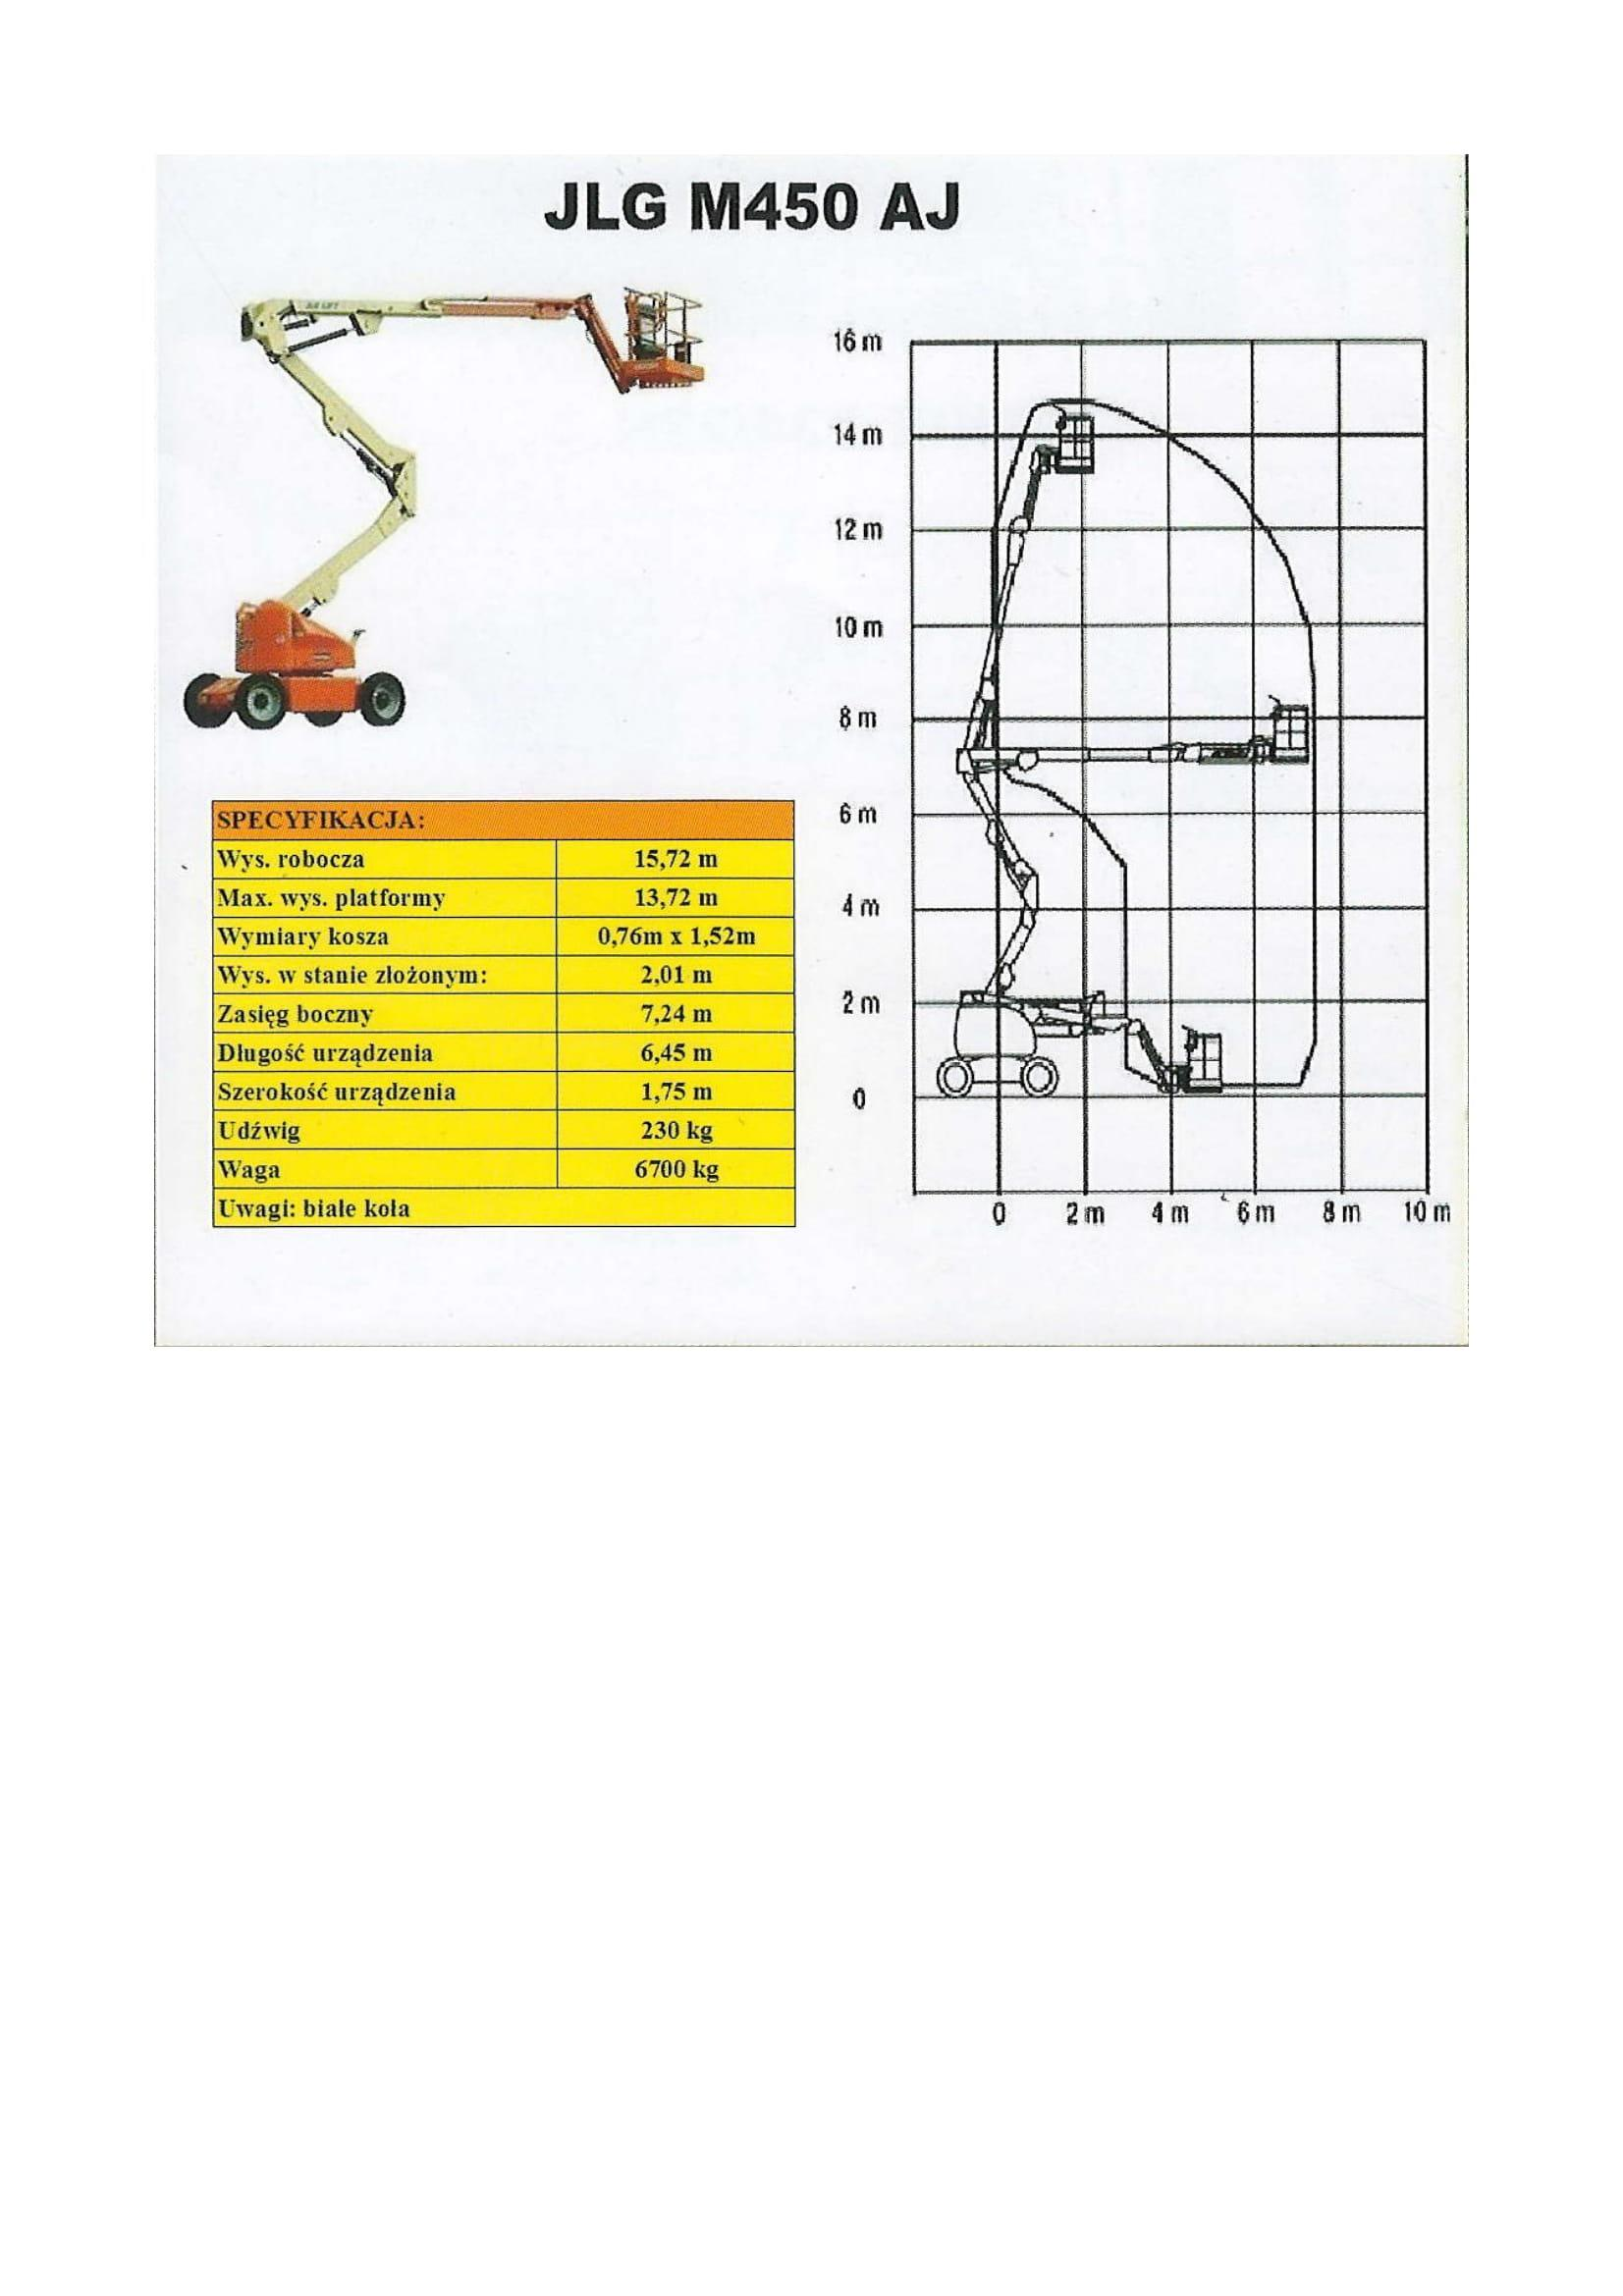 JLG M450 AJ specyfikacja